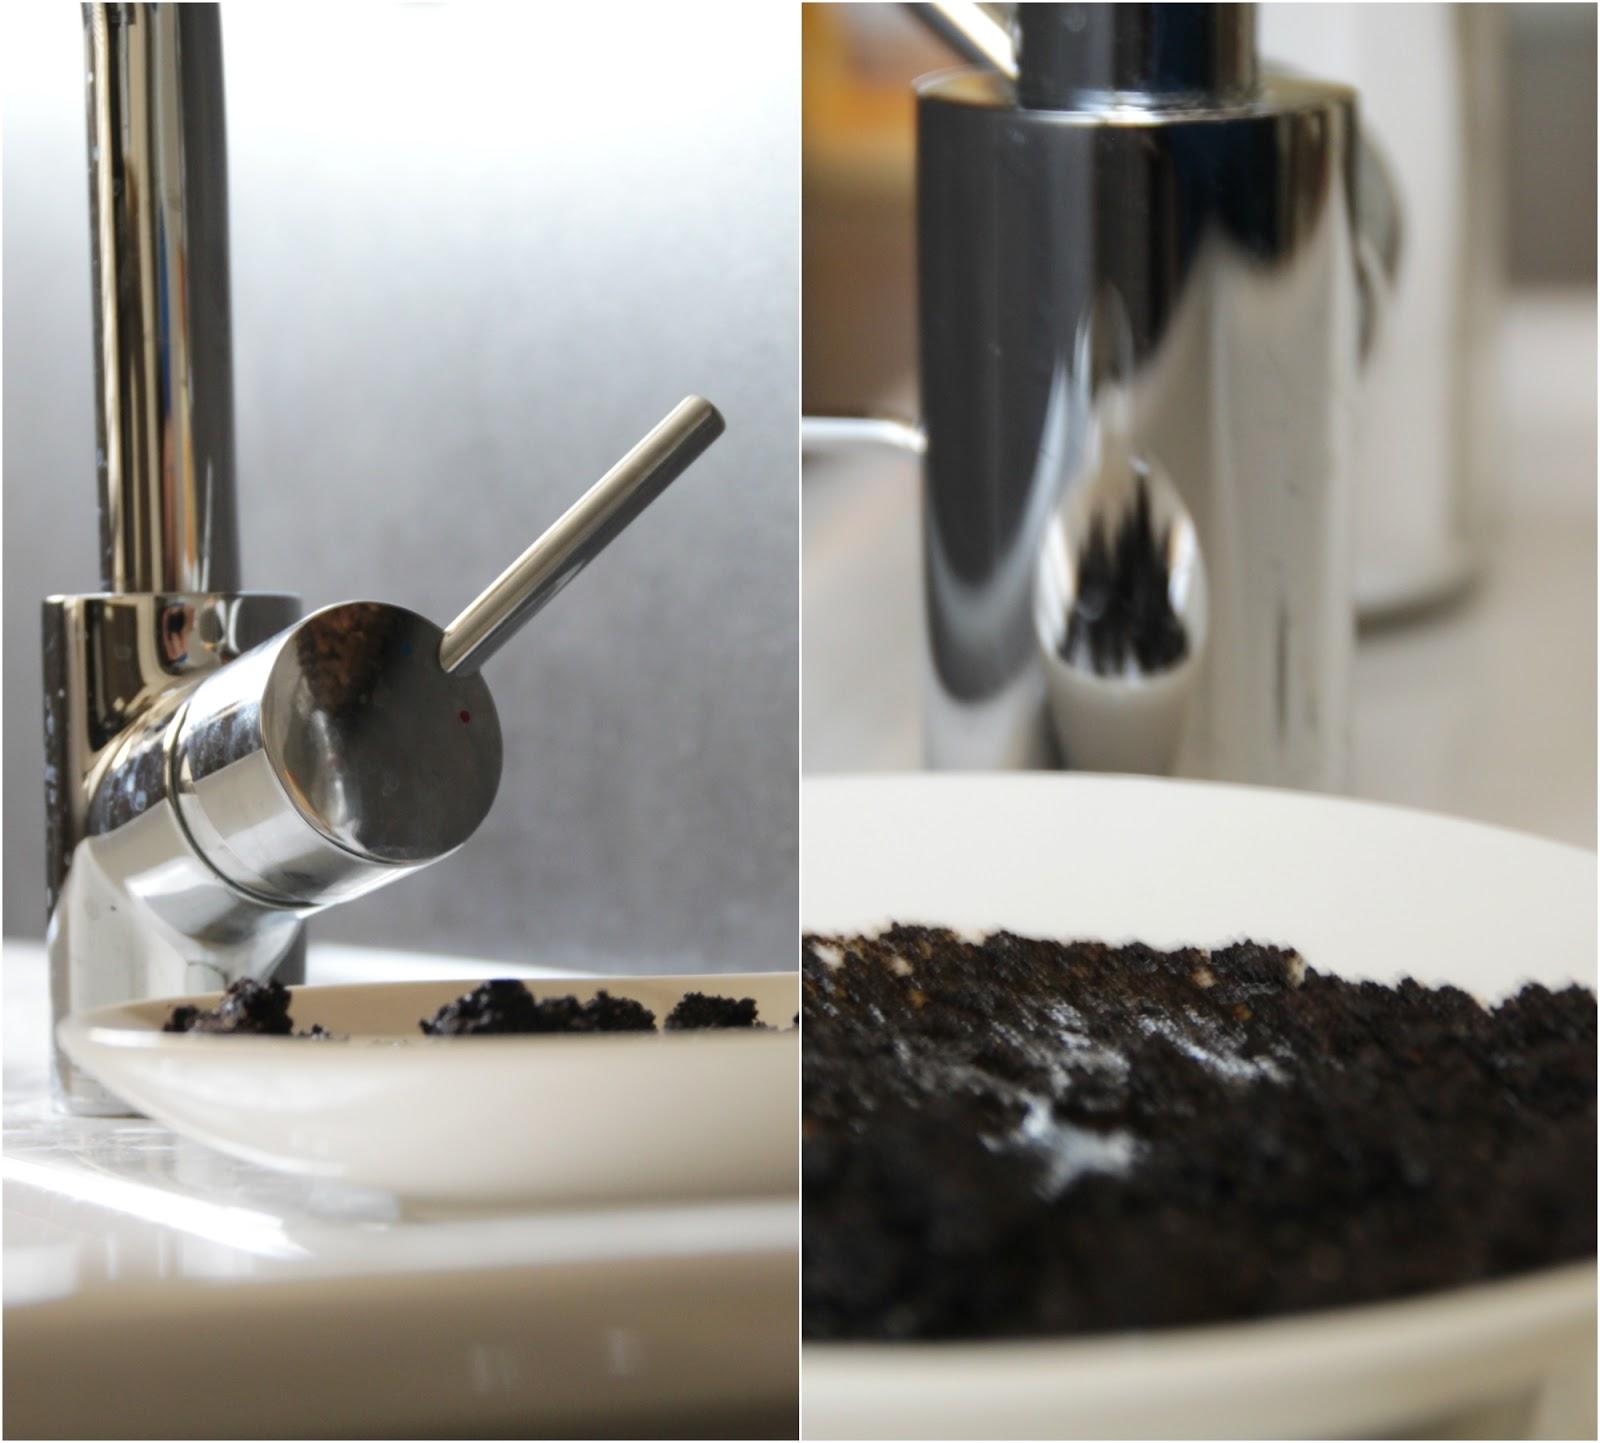 Das perfekte Kaffeepeeling - allein der Duft ist zum Niederknieen!